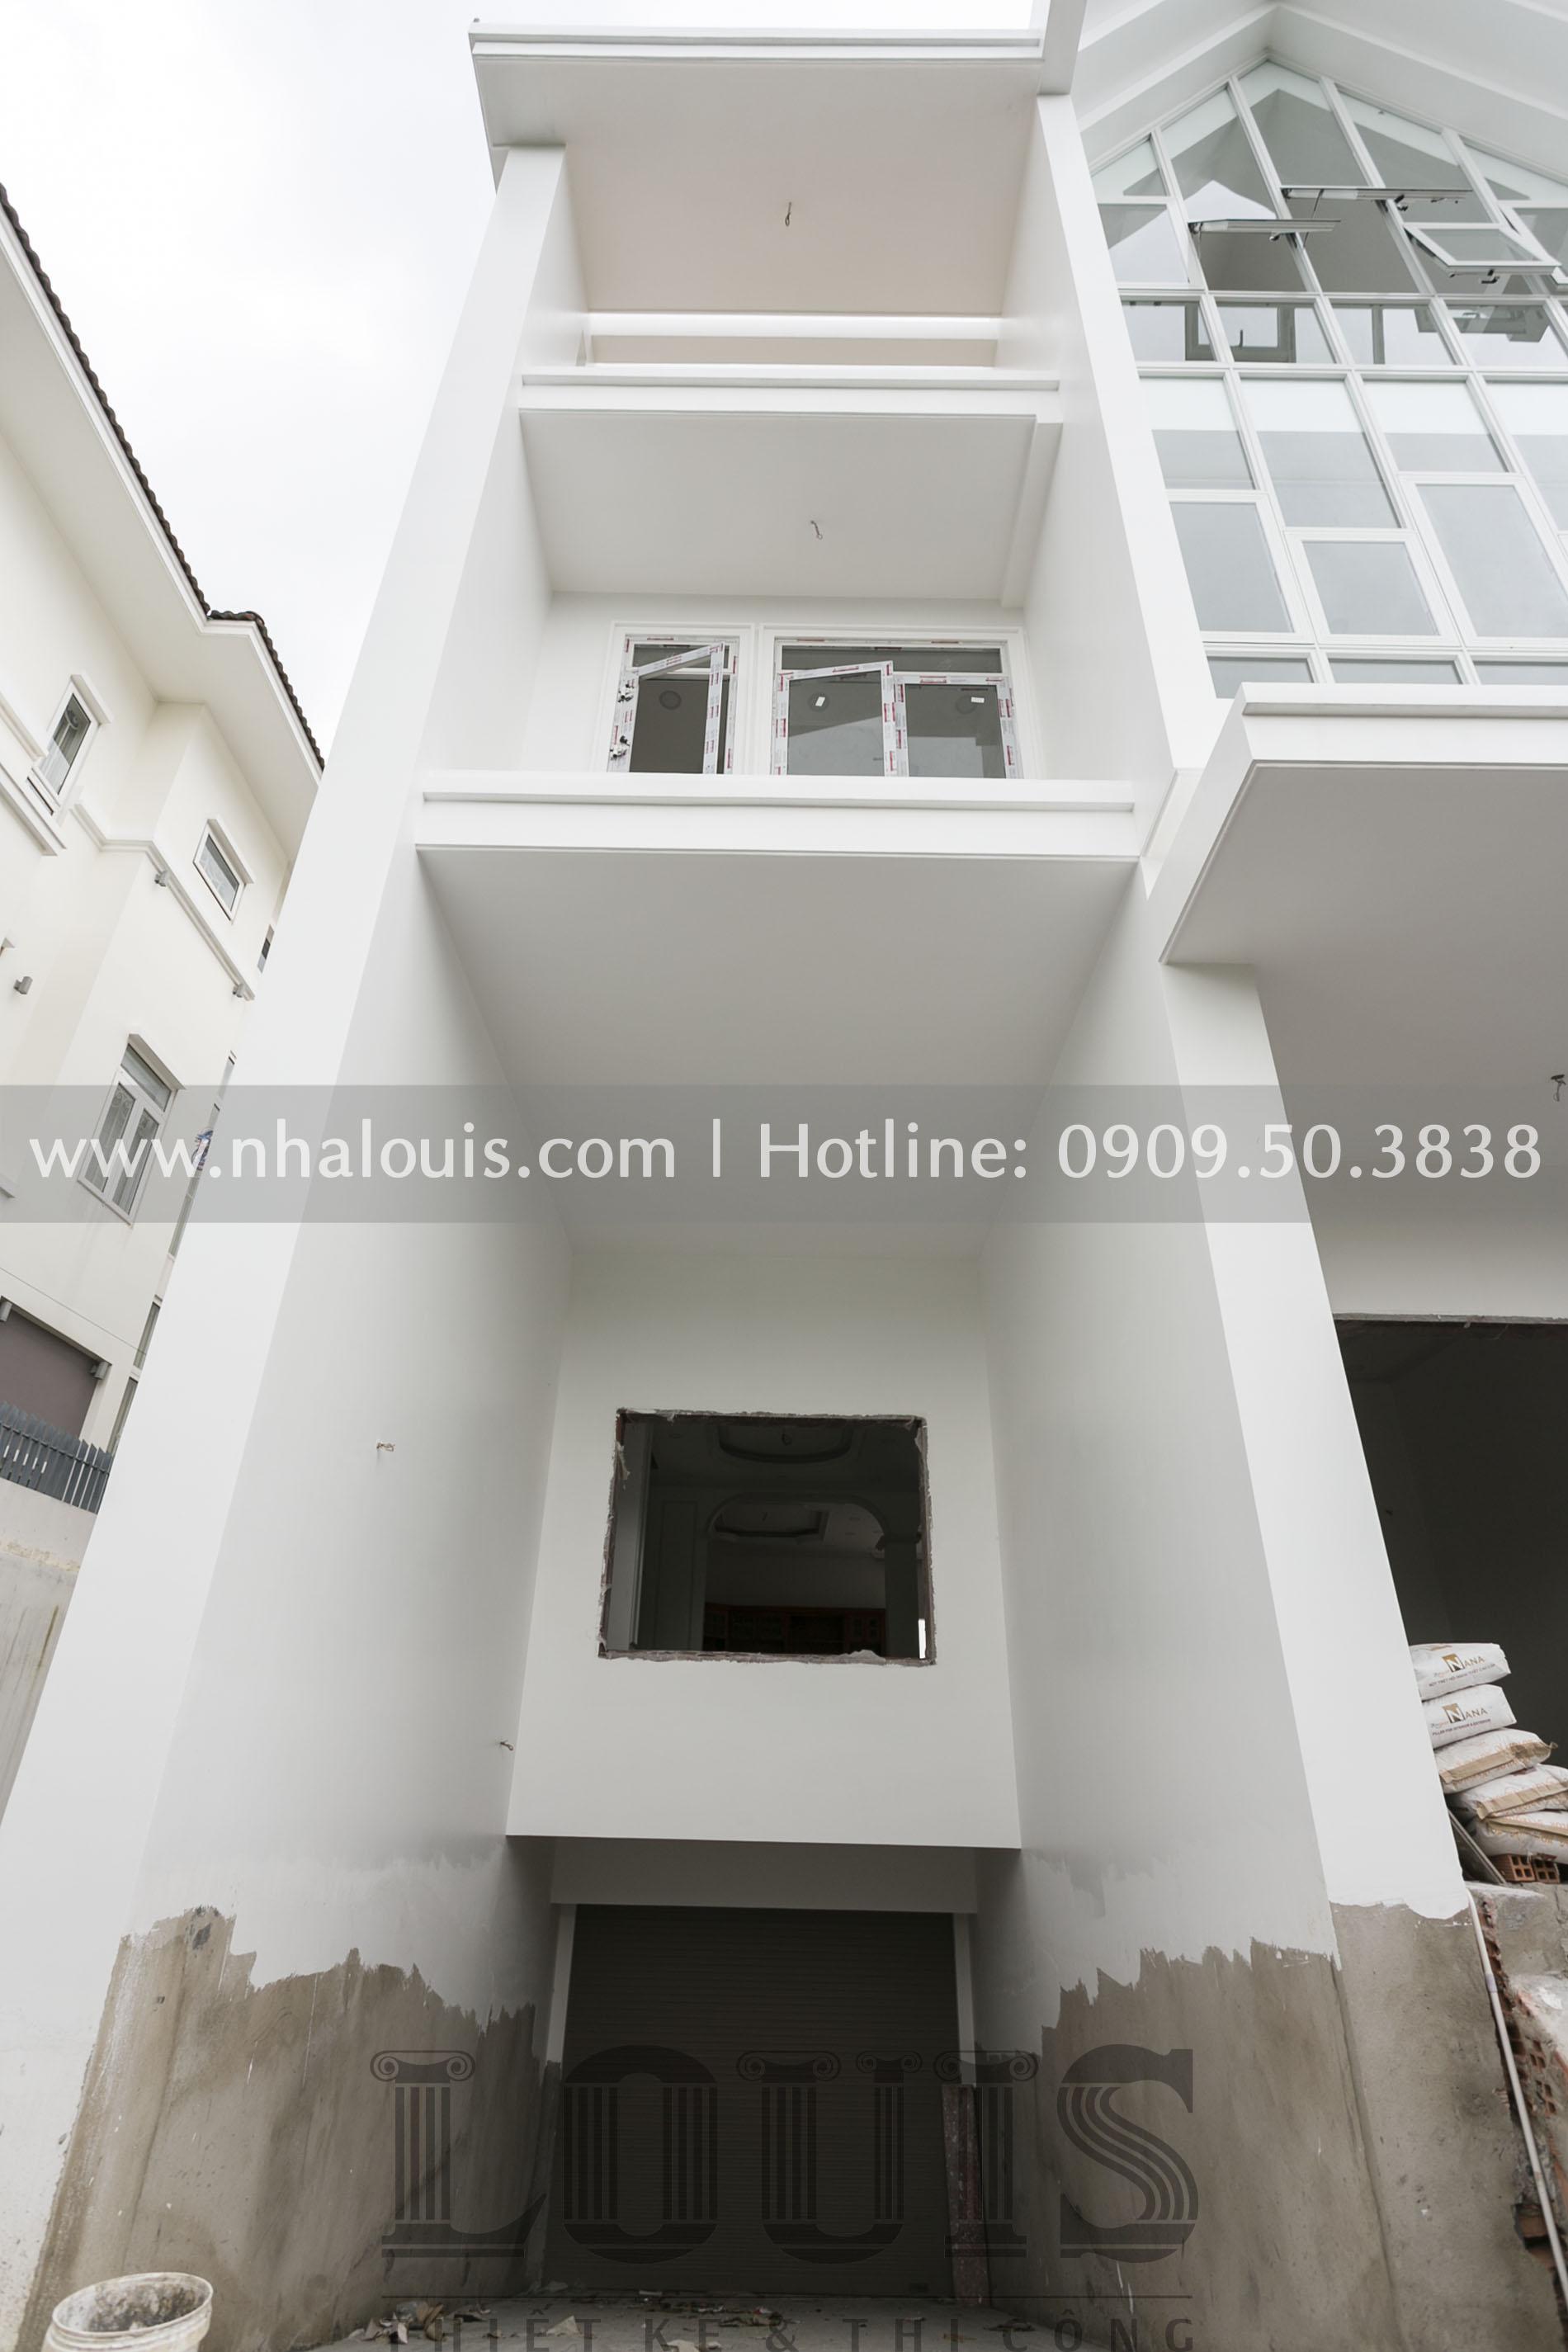 Thi công, lắp đặt các hạng mục hoàn thiện biệt thự hiện đại 3 tầng tại Nhà Bè